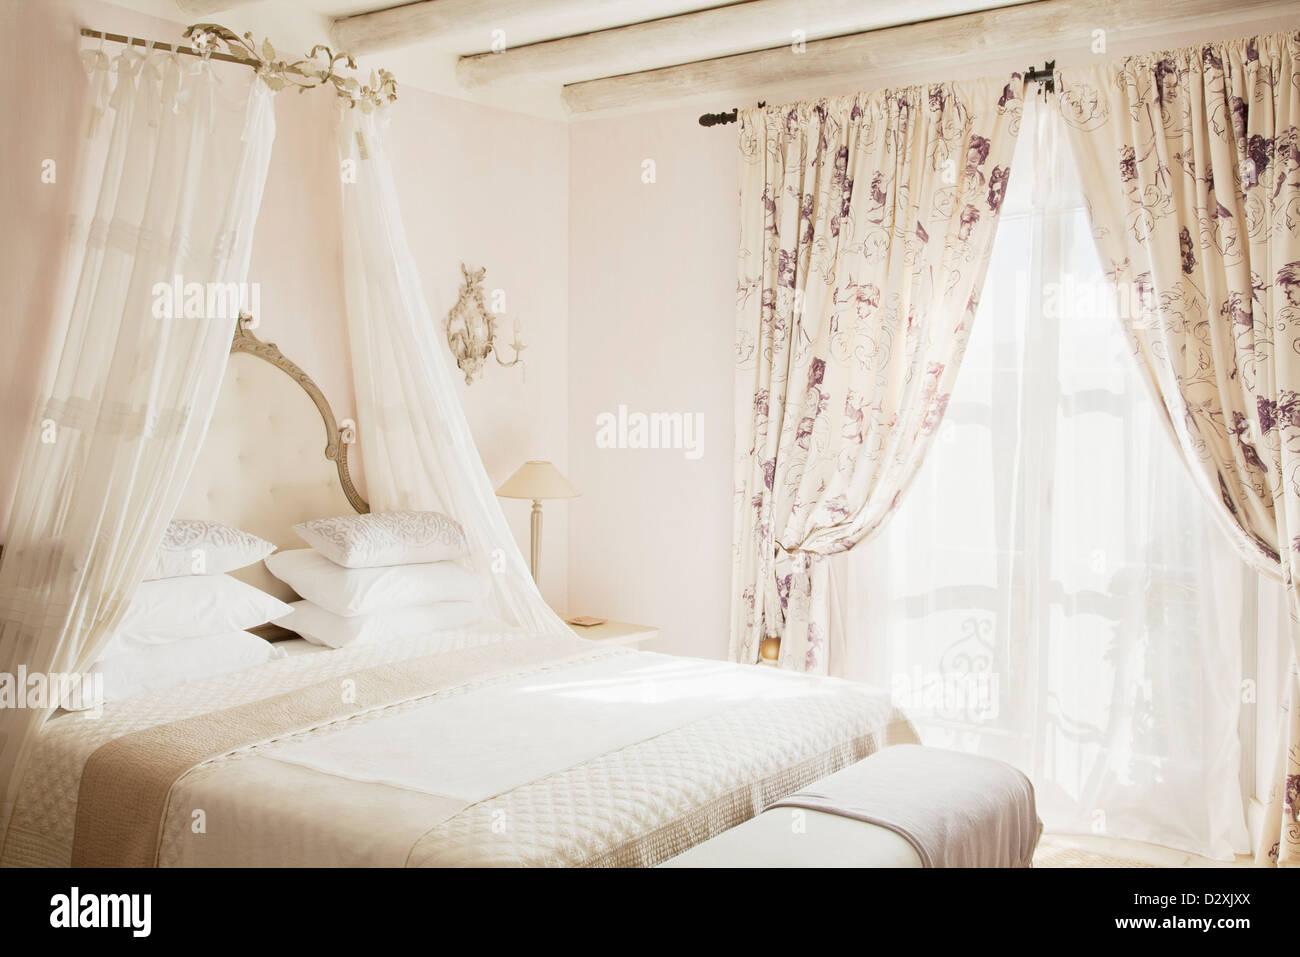 Bett Mit Baldachin In Luxus Schlafzimmer Stockfoto Bild 53446034